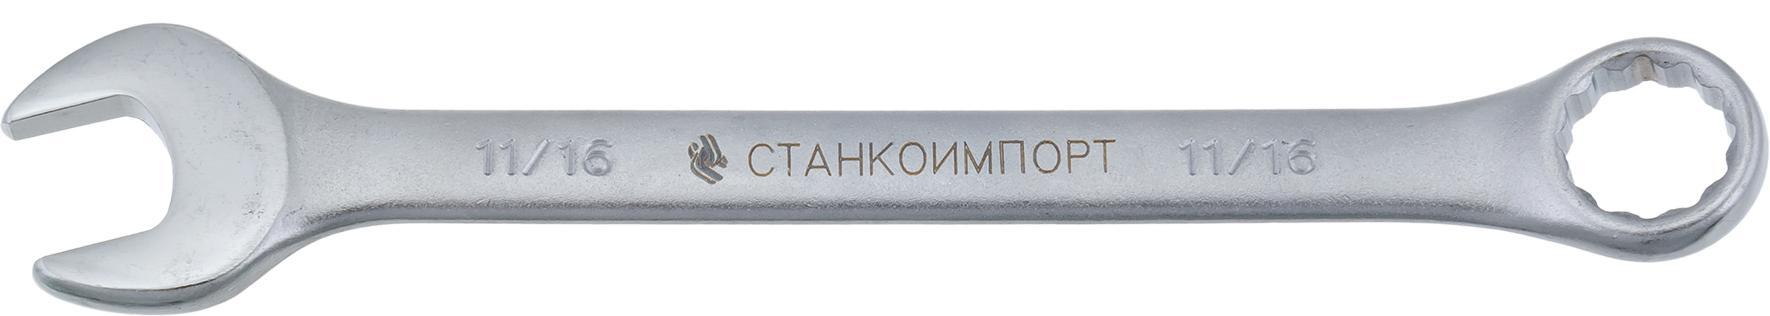 Ключ гаечный СТАНКОИМПОРТ КК.11.29.Д1-1/8 ключ станкоимпорт кн 11 32 45 м10х11 накидной 10х11